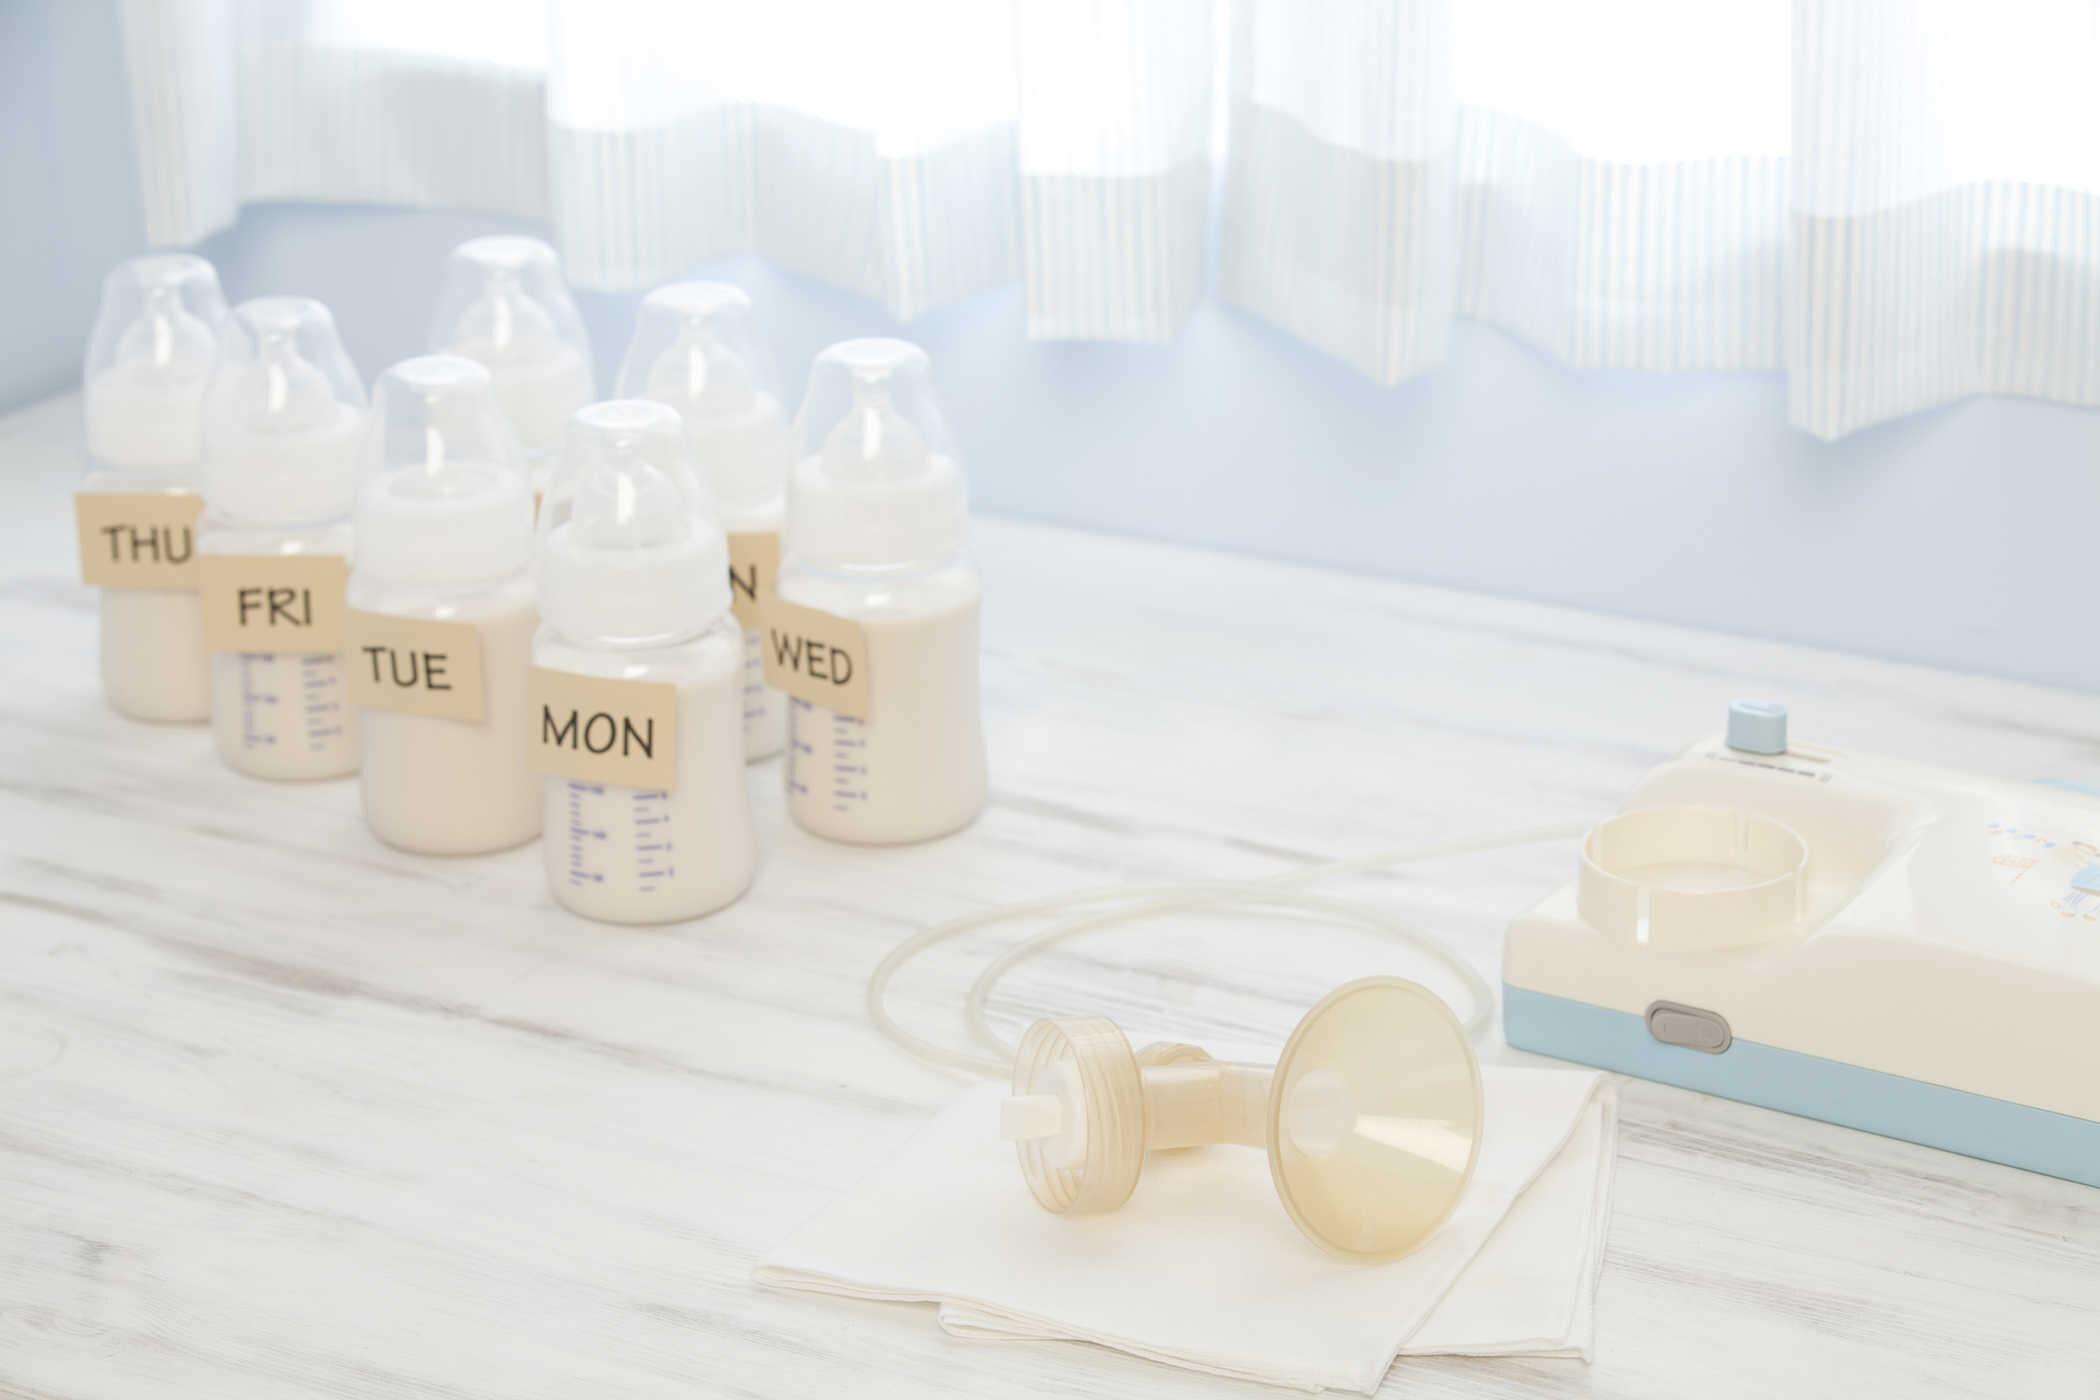 Nếu không bảo quản sữa non đúng cách có thể ảnh hưởng đến sức khỏe của bé